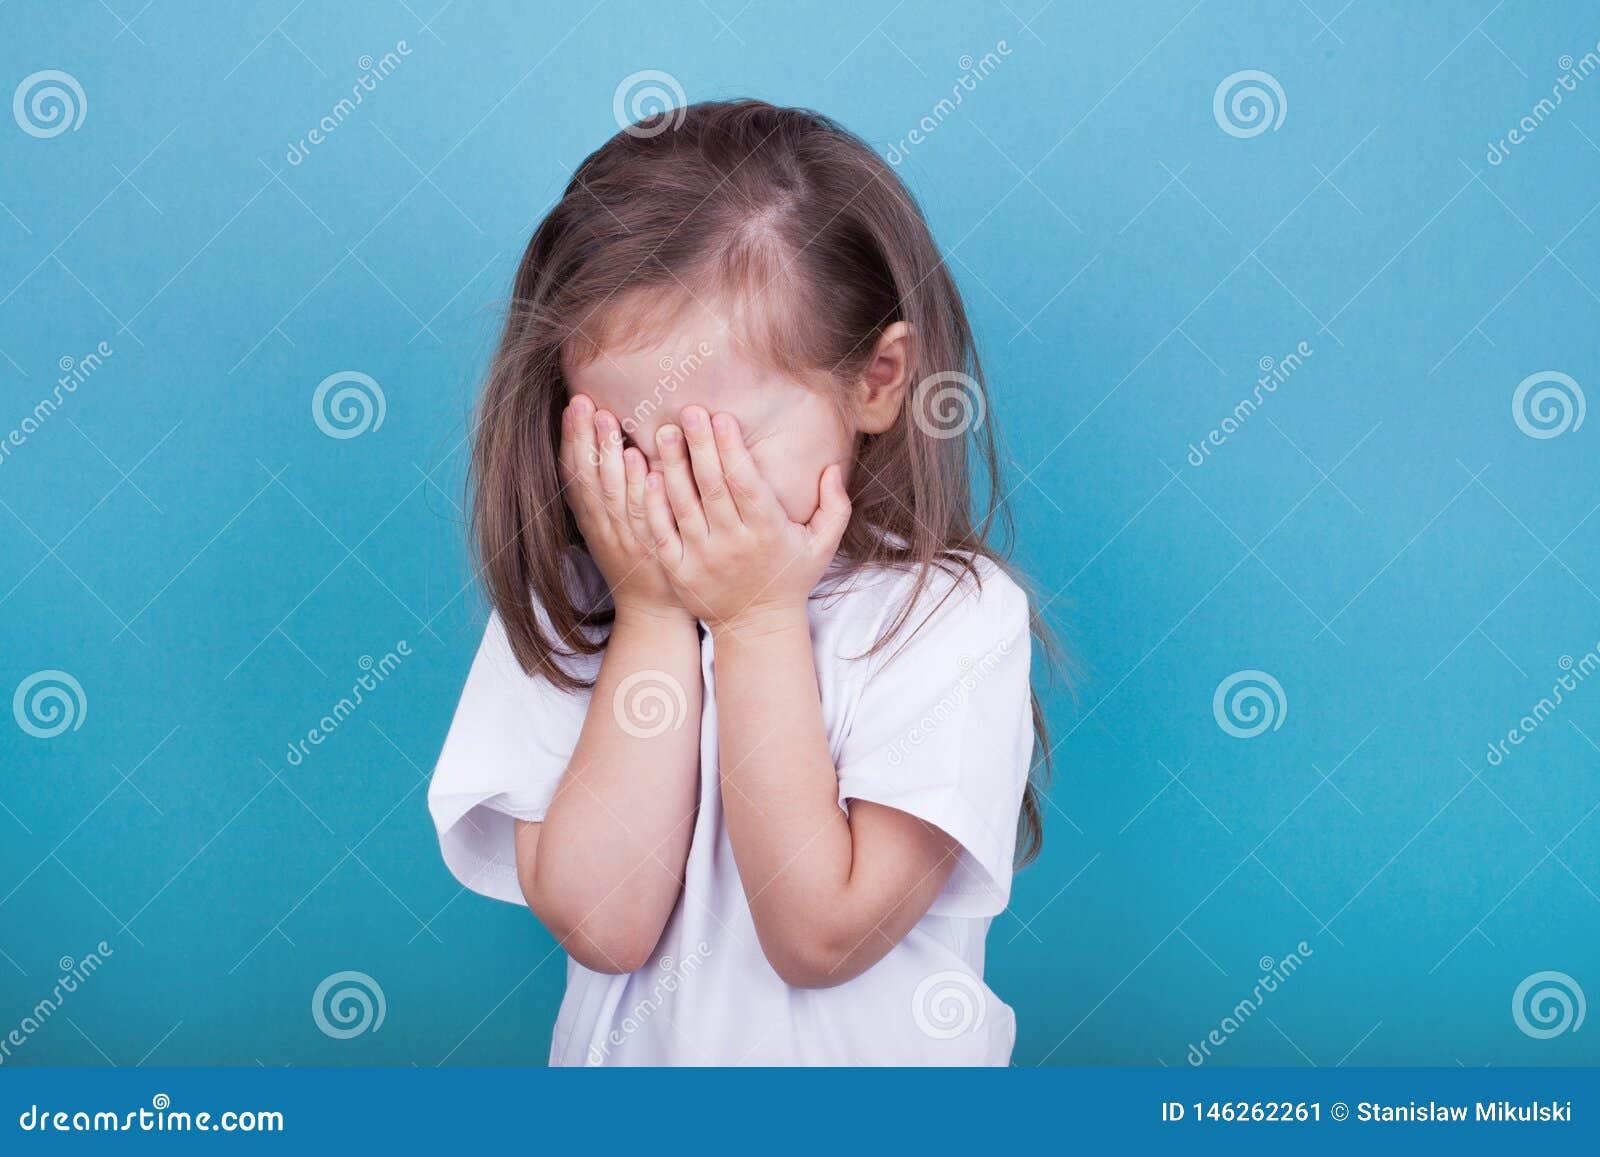 Petite fille pleurant couvrant son visage de ses mains